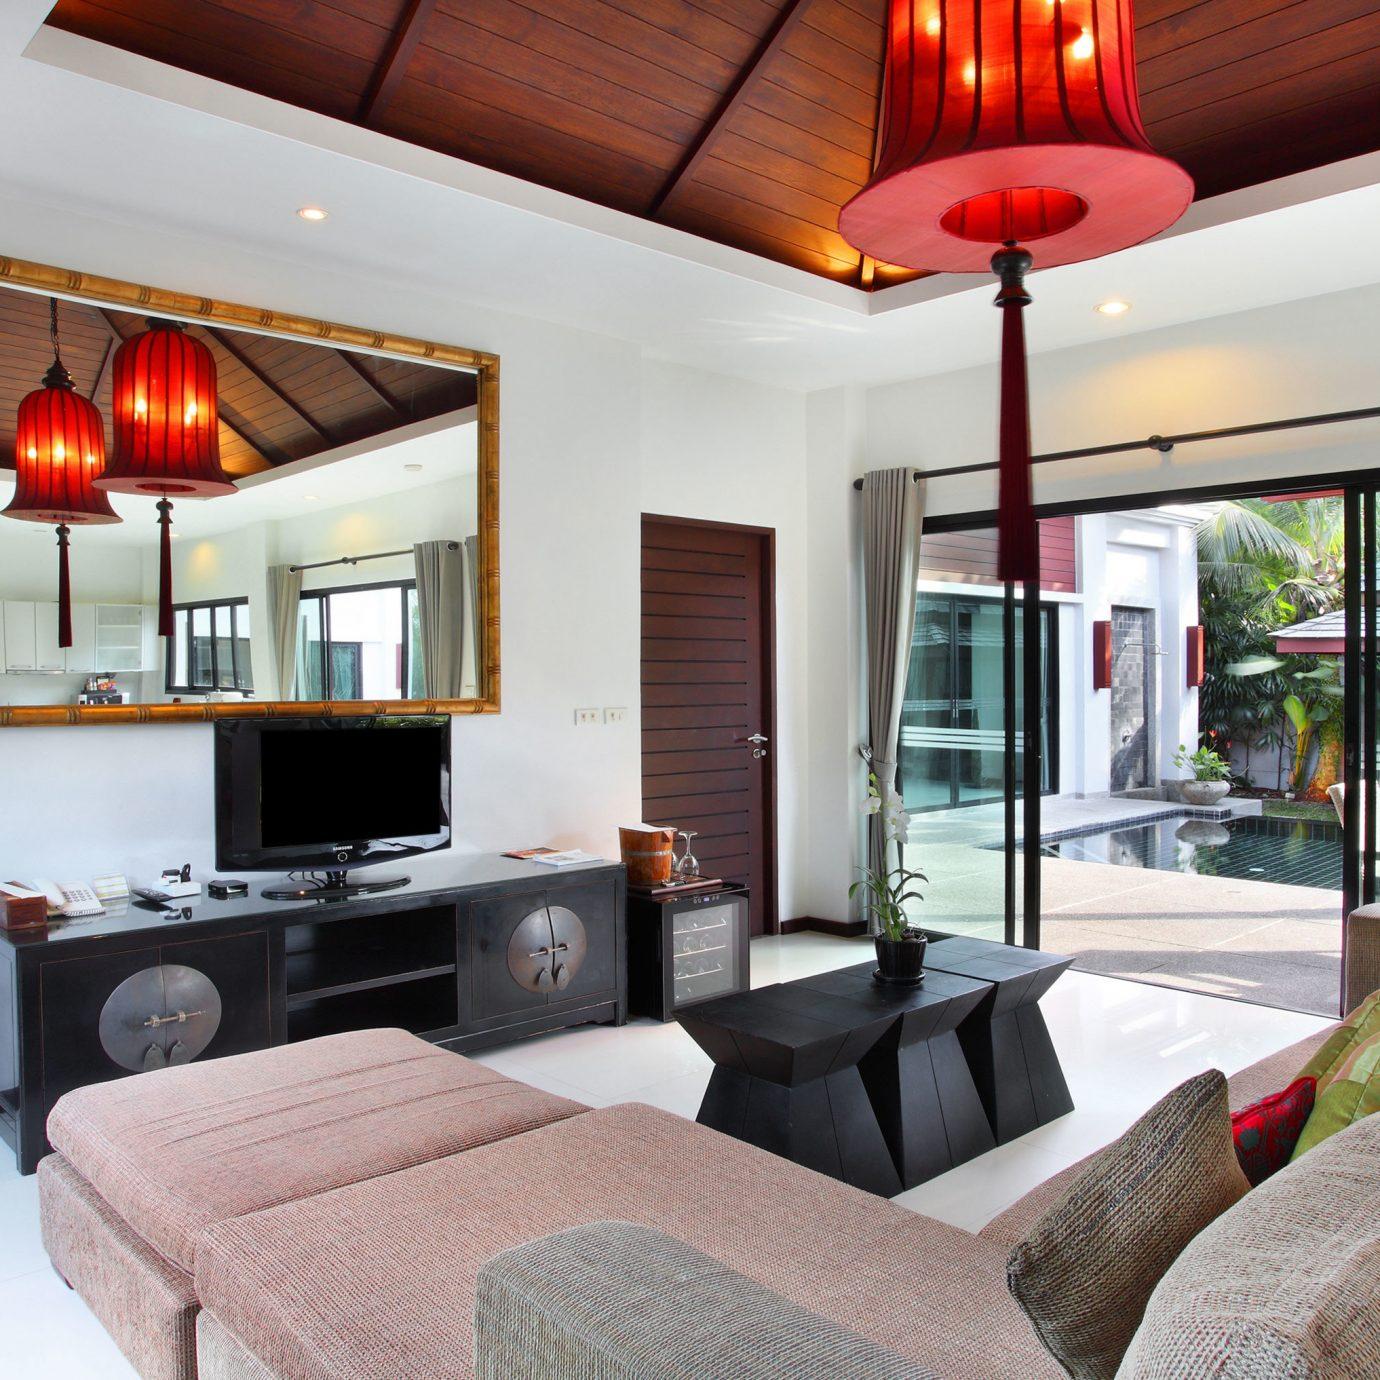 Cultural Elegant Jungle Lounge Patio Pool Suite Tropical sofa property living room home cottage Villa Bedroom condominium loft flat